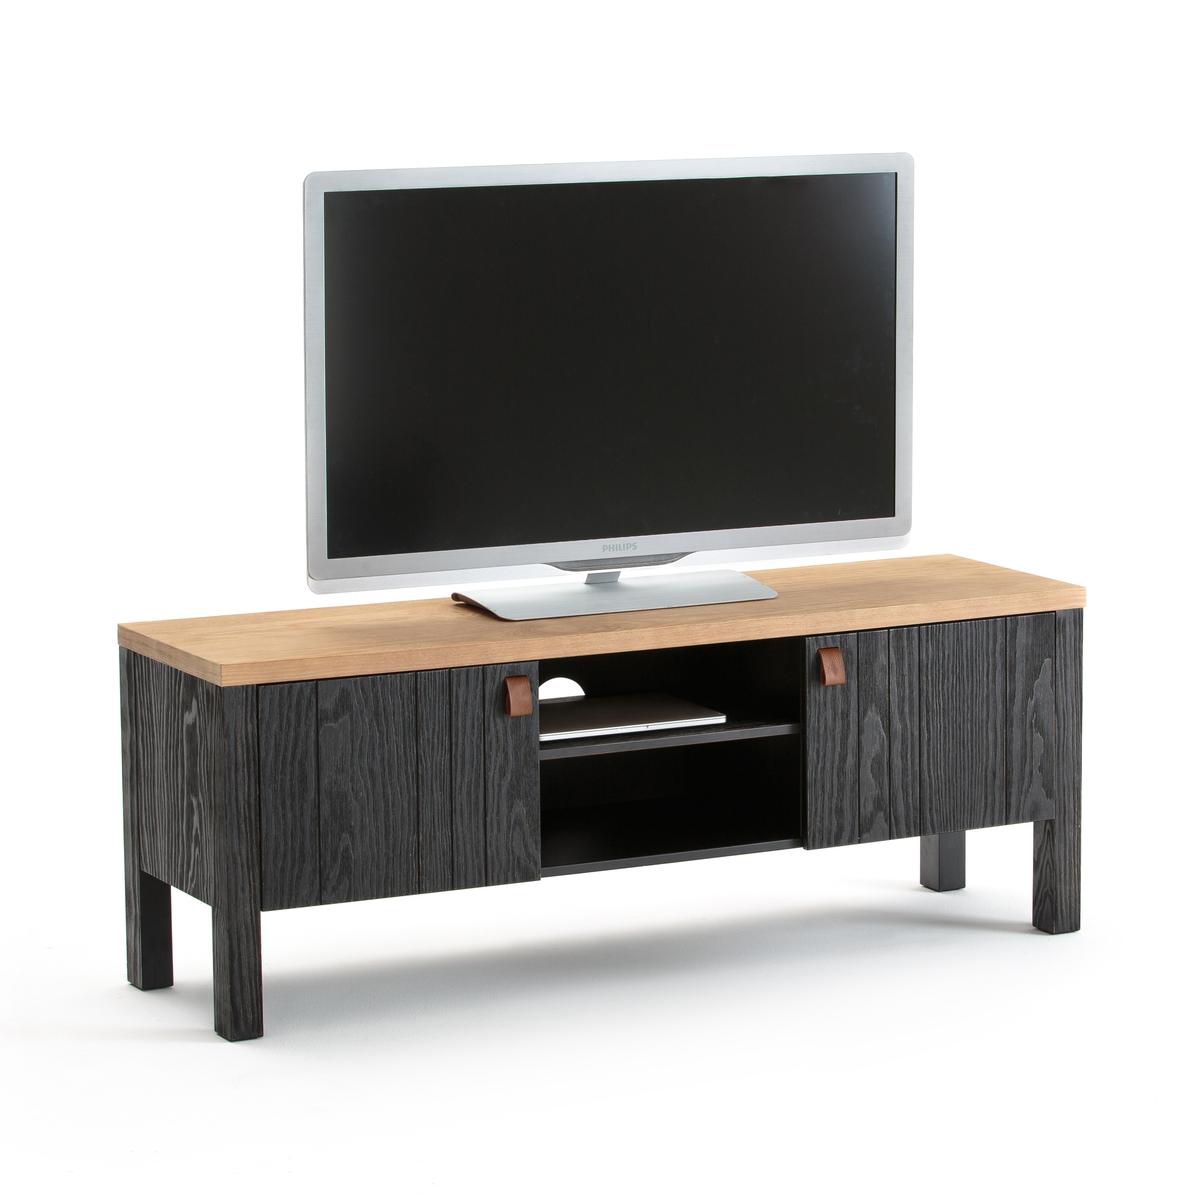 ТВ-тумба для телевизора с экраном 75, 189 см, Cedak